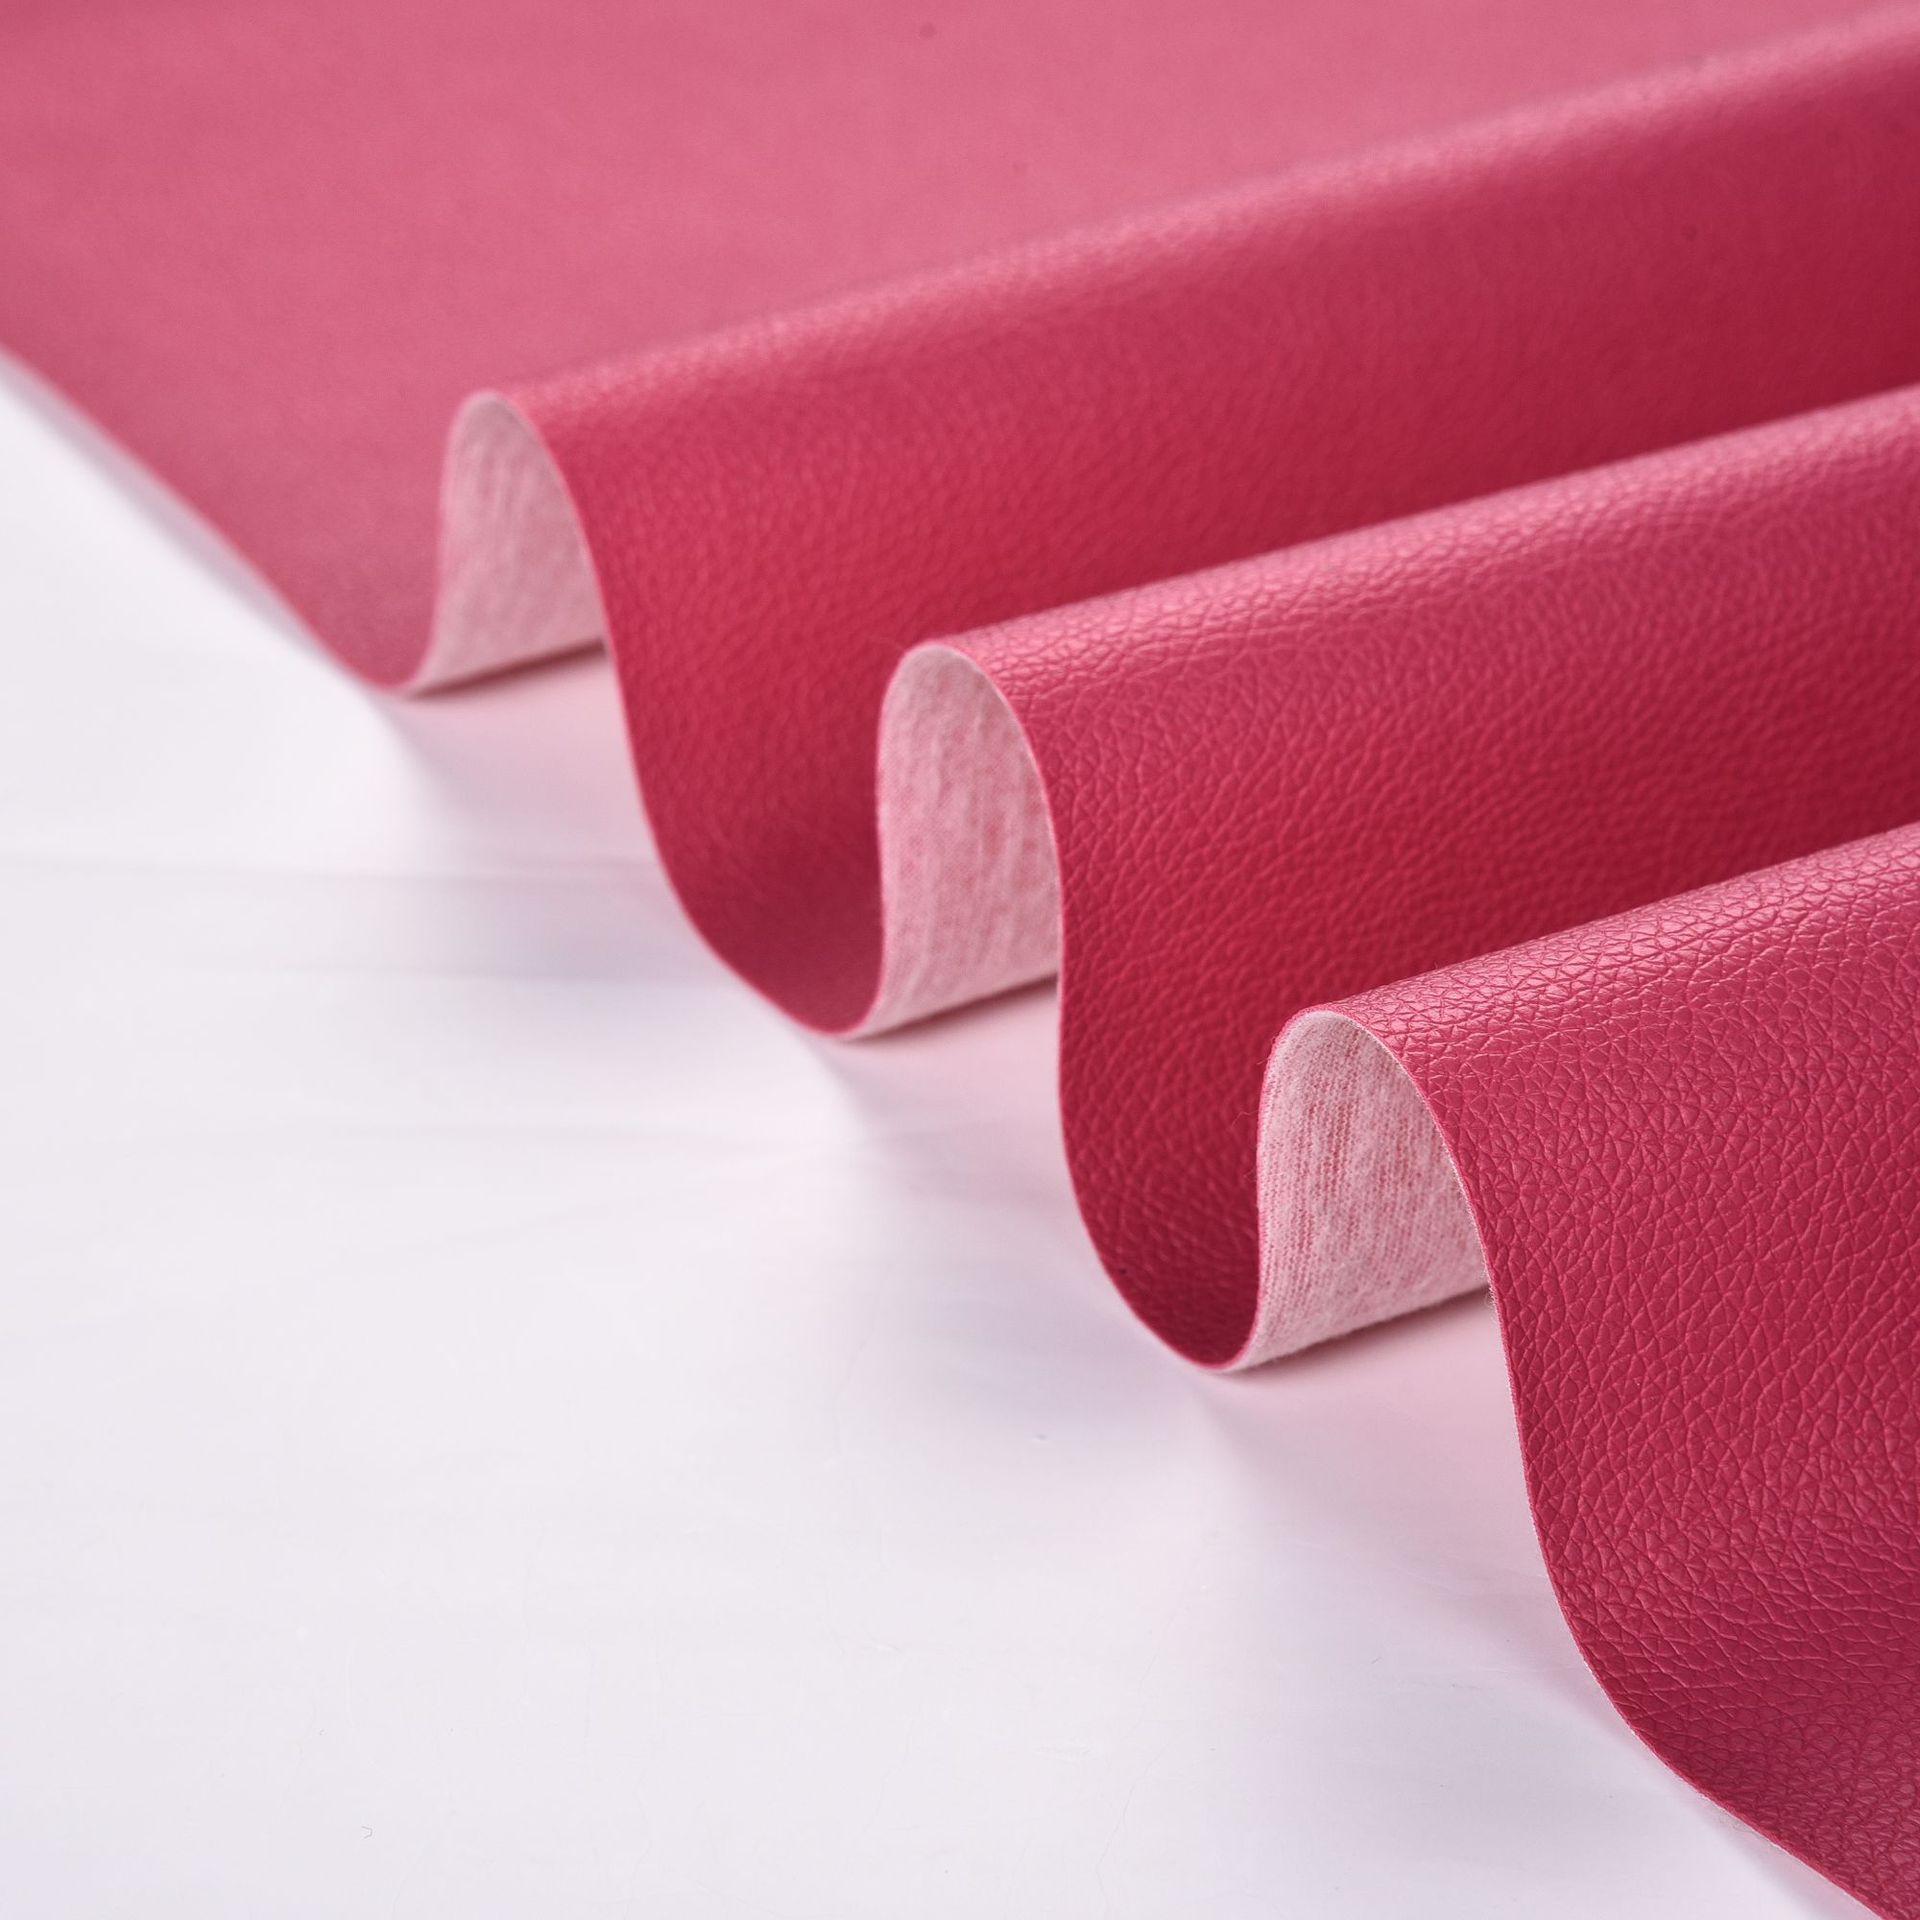 Nhà máy bán buôn bán hàng trực tiếp PVC vải thiều nhỏ da vải hành lý thắt lưng da sofa chất liệu 0.7